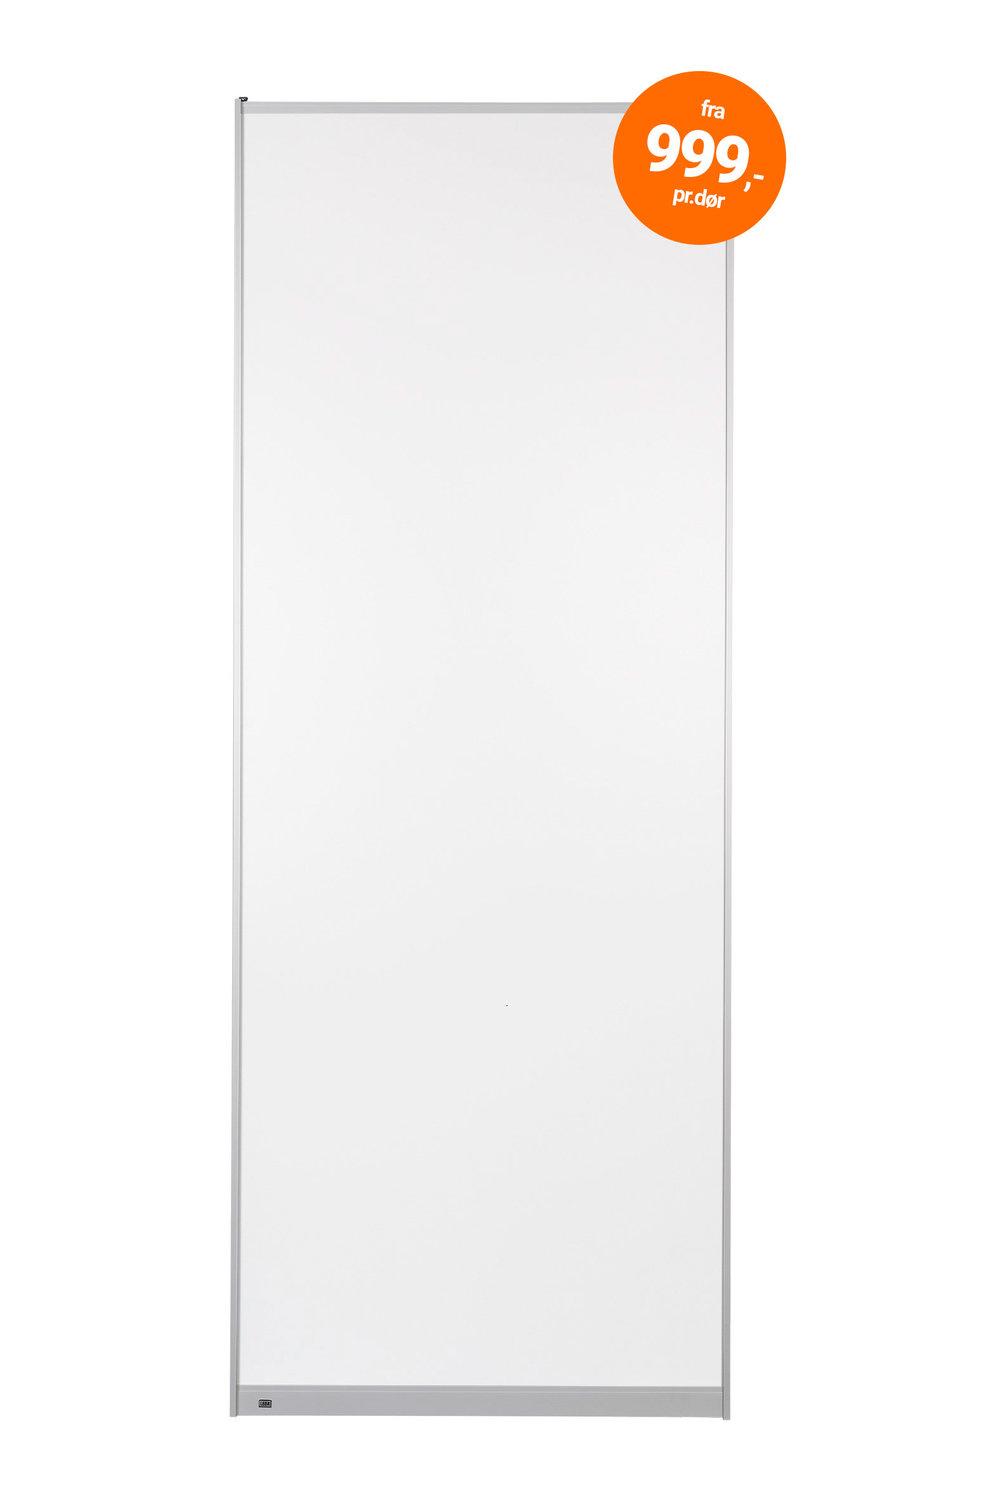 F5101 - Platinahvit   Bredde inntil 610mm - 999,- pr.dør Bredde inntil 1020mm - 1485,- pr.dør Maks høyde 2500mm